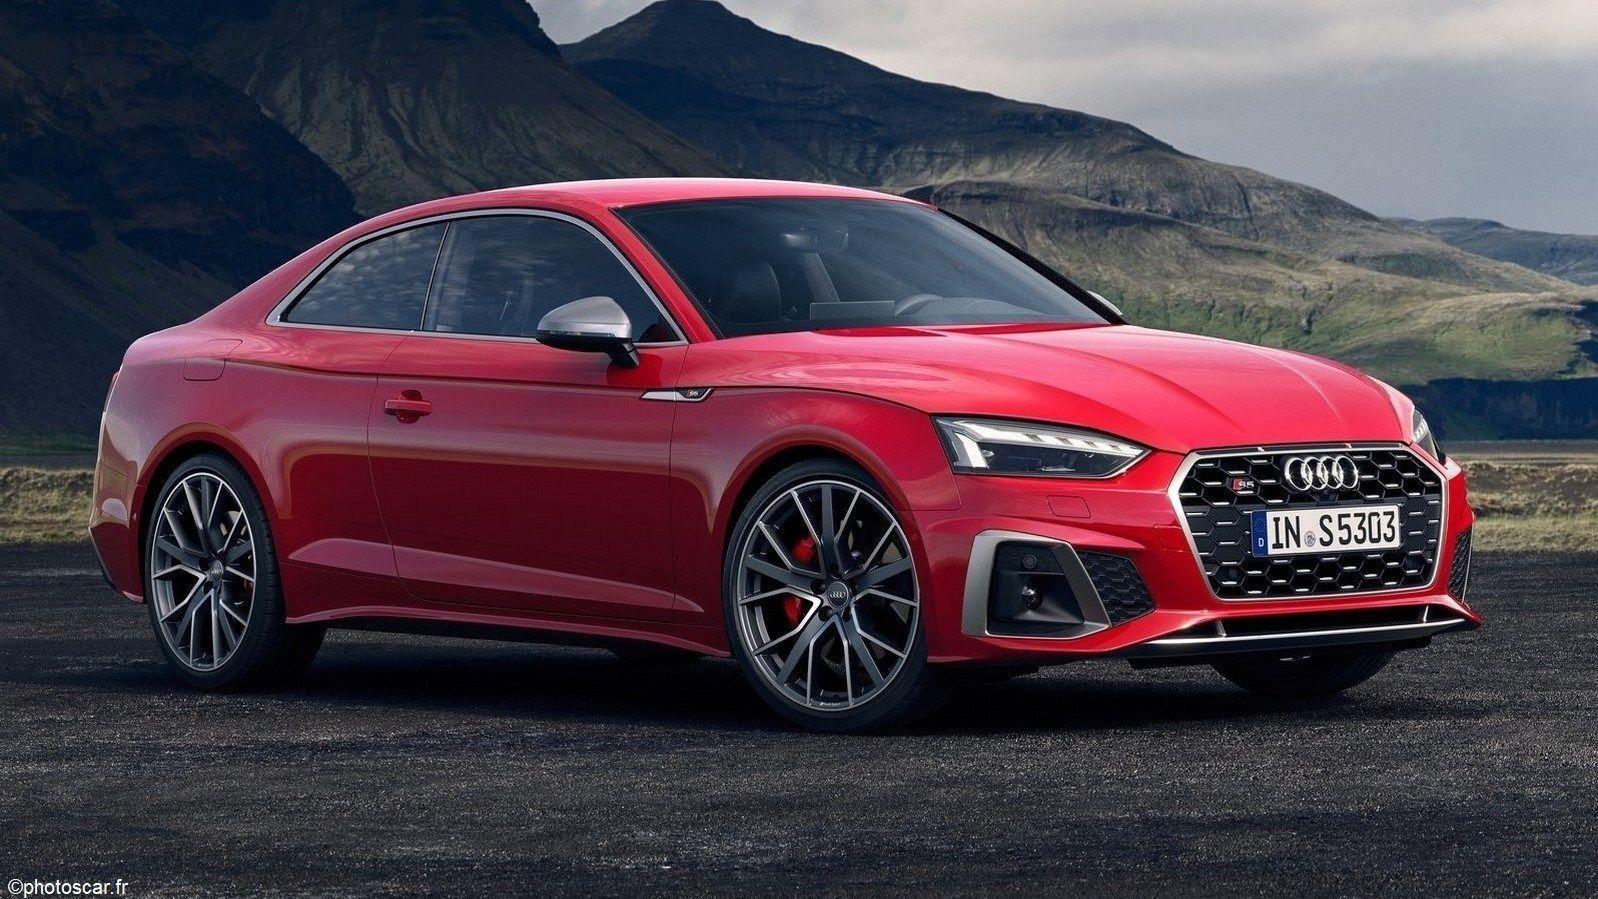 Audi S5 Coupe Tdi 2020 Puissant Sophistique Et Efficace Audi S5 Audi Moteur Diesel